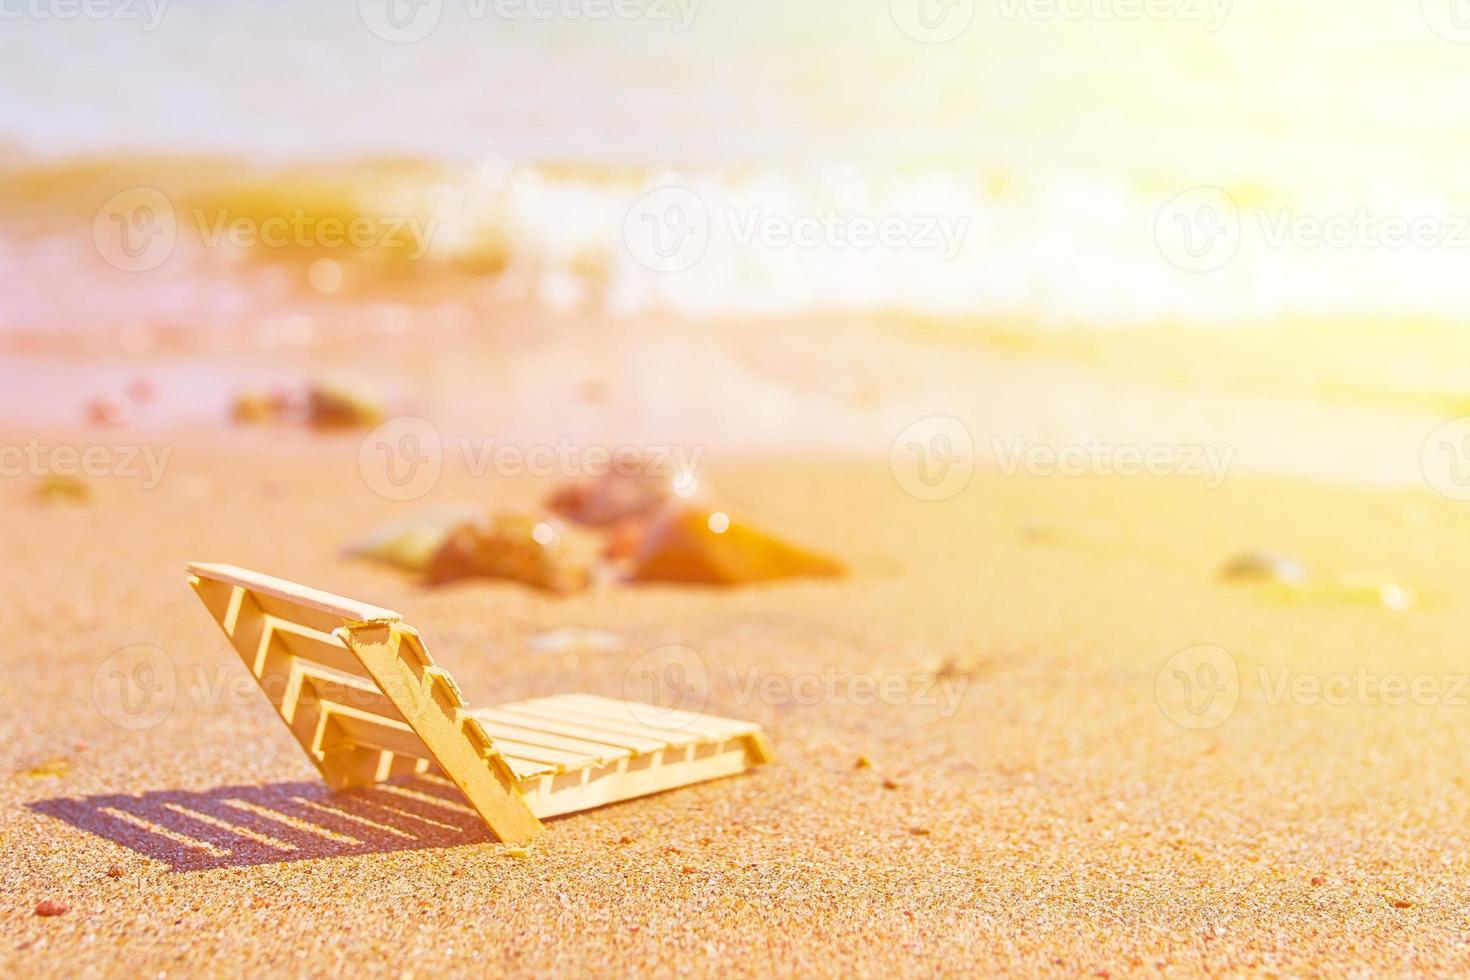 houten ligstoel op een tropisch zandstrand foto